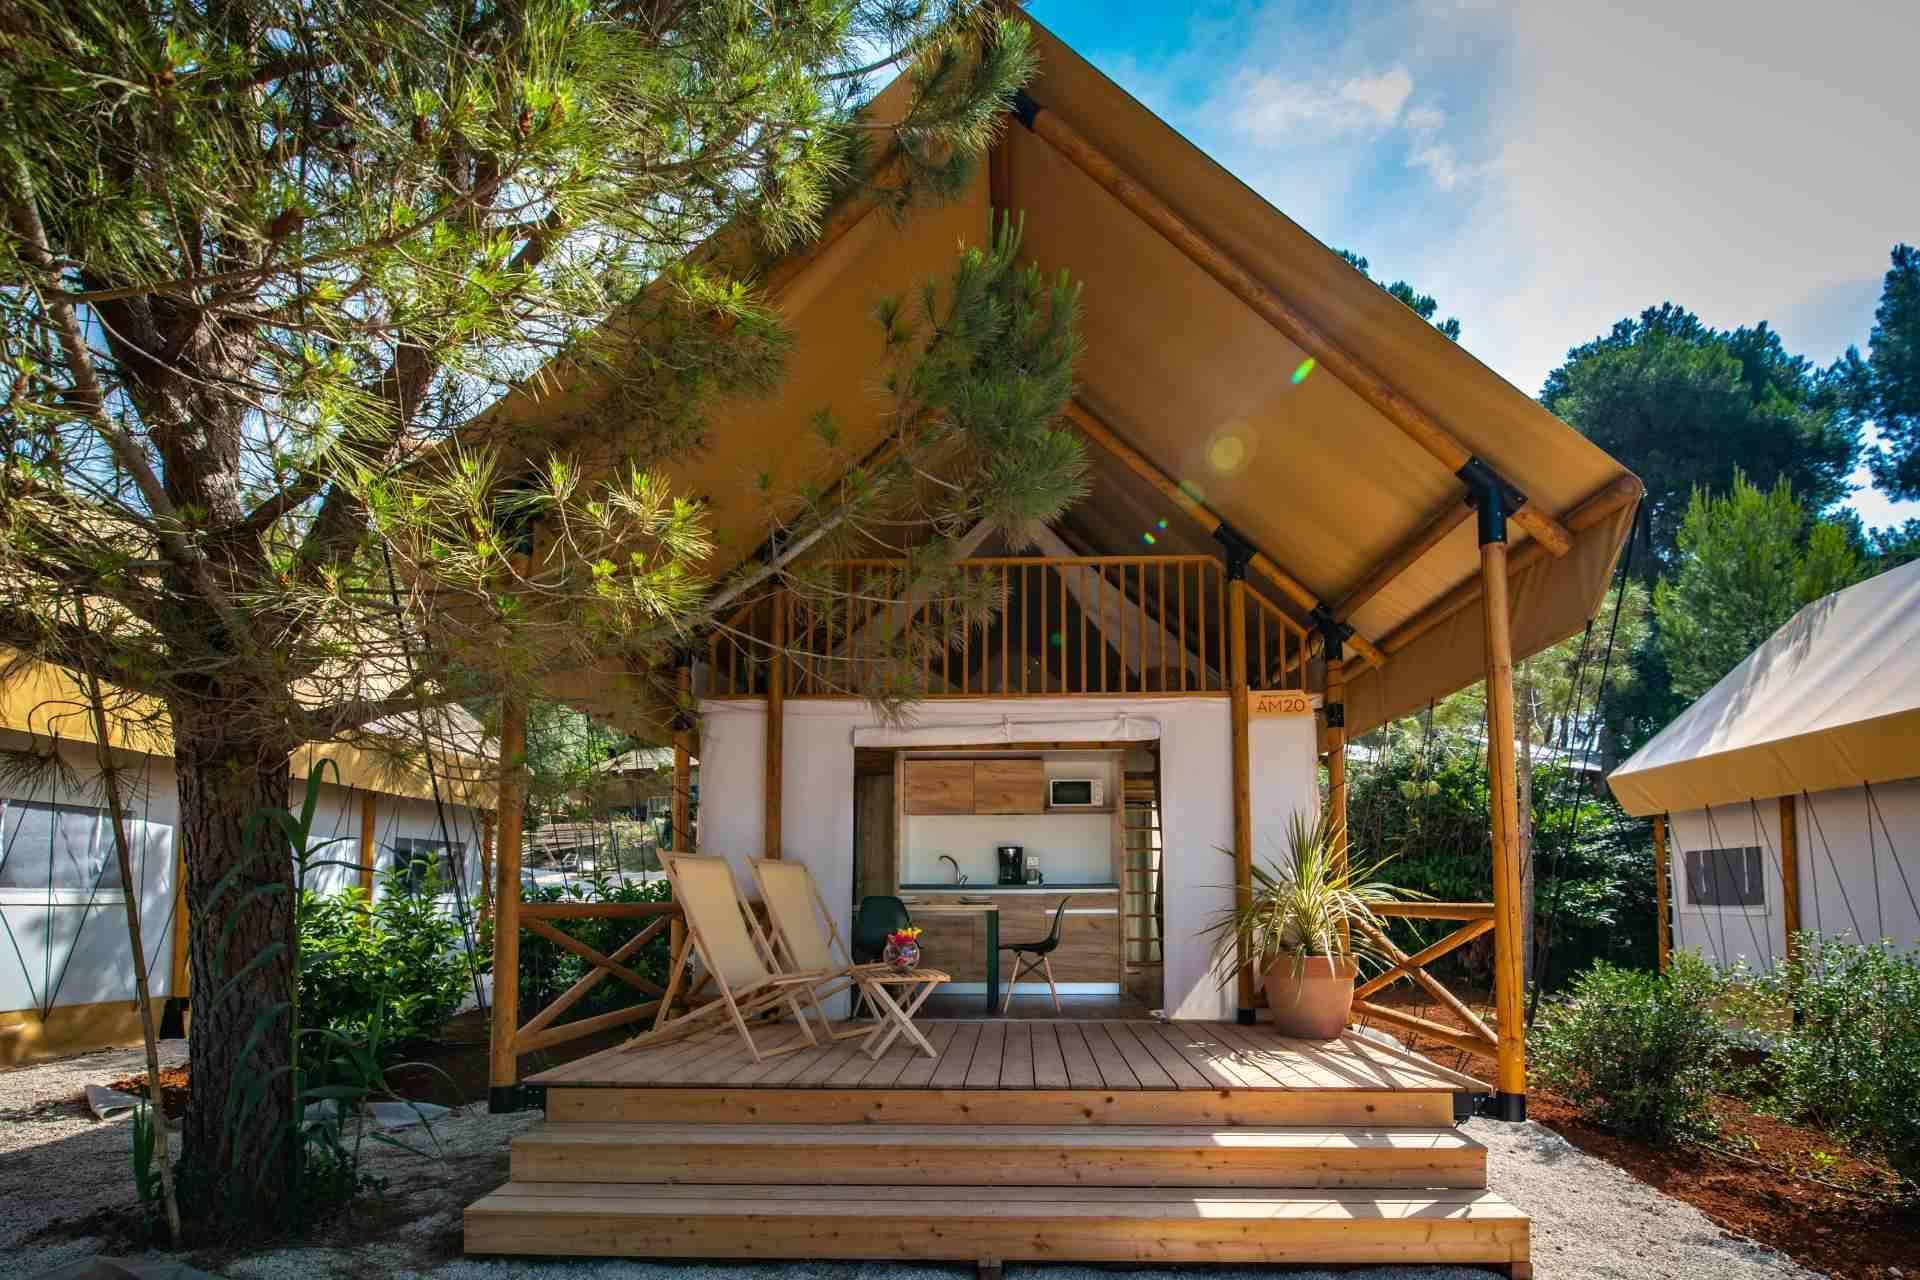 Location - Tente Safari Loft Premium - Arena One 99 Glamping